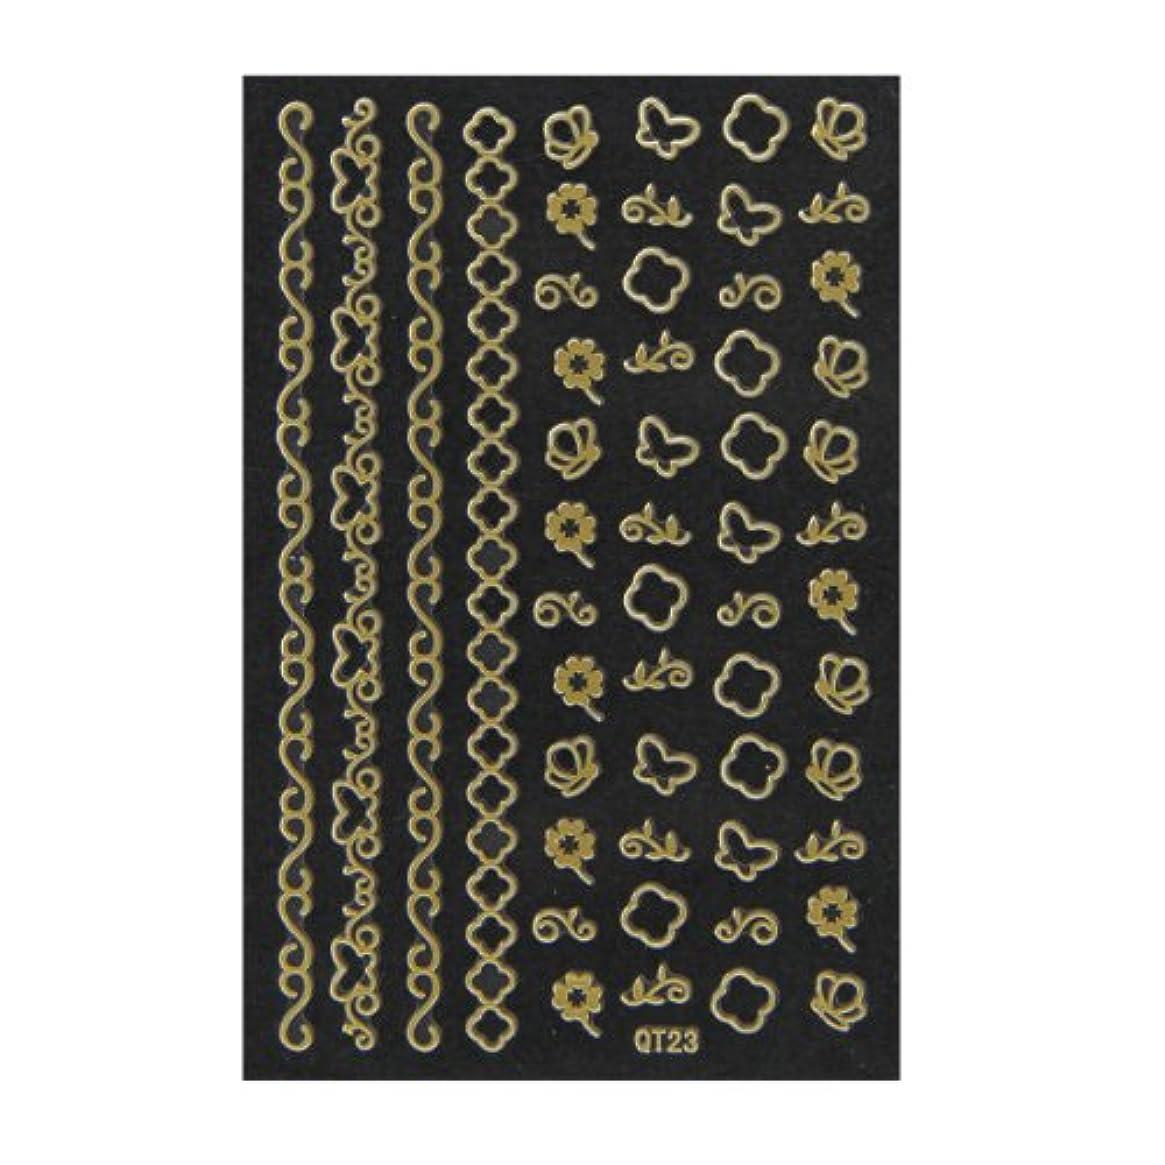 シード重なるプレゼンターネイルシール 3D ネイルシート ファッションネイル メタリックシール23 (ネイル用品)